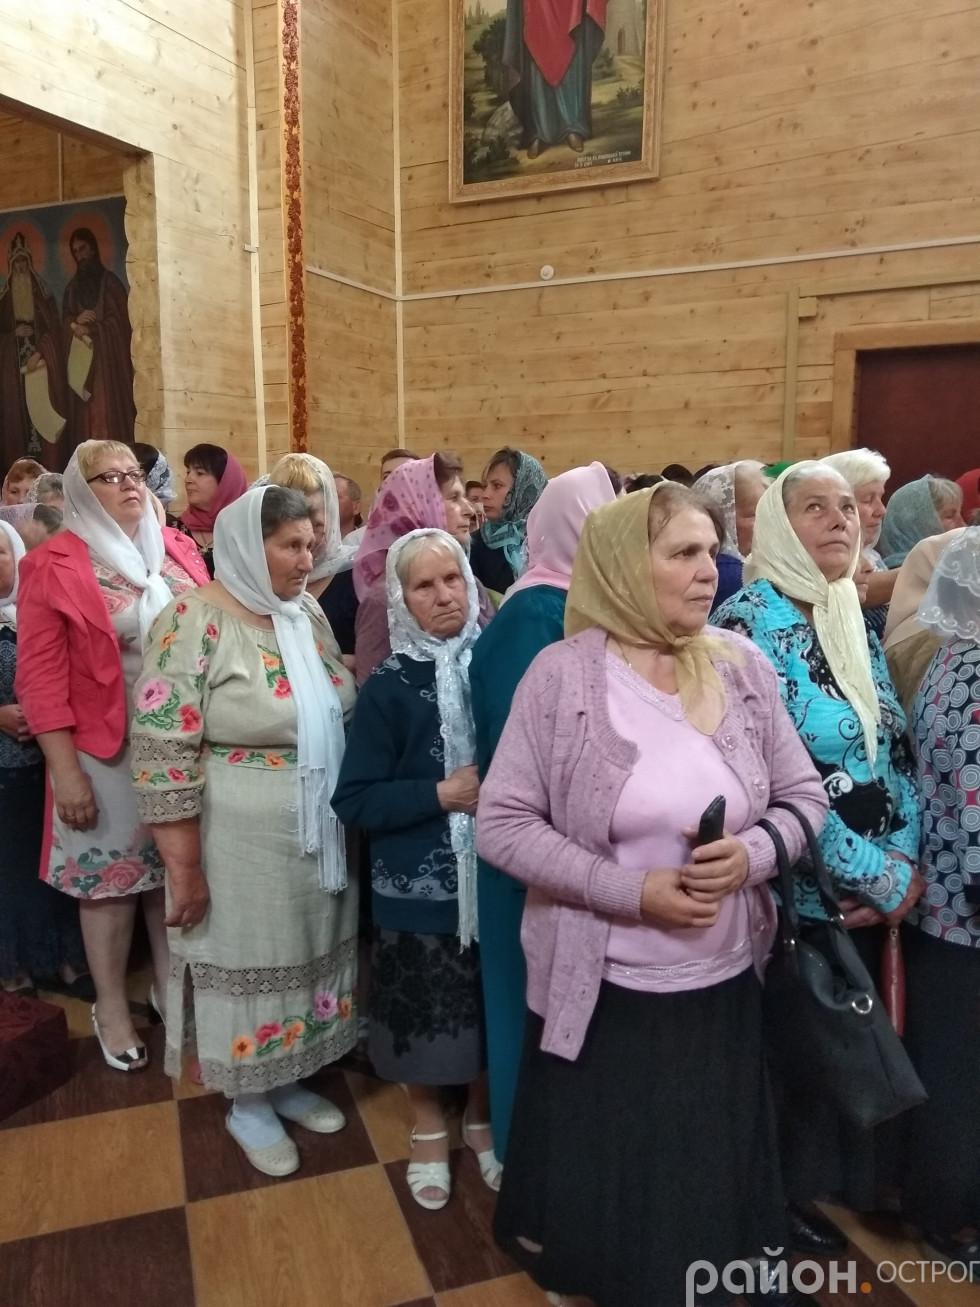 Прихожани різного віку прийшли до храму розділити настрій свята